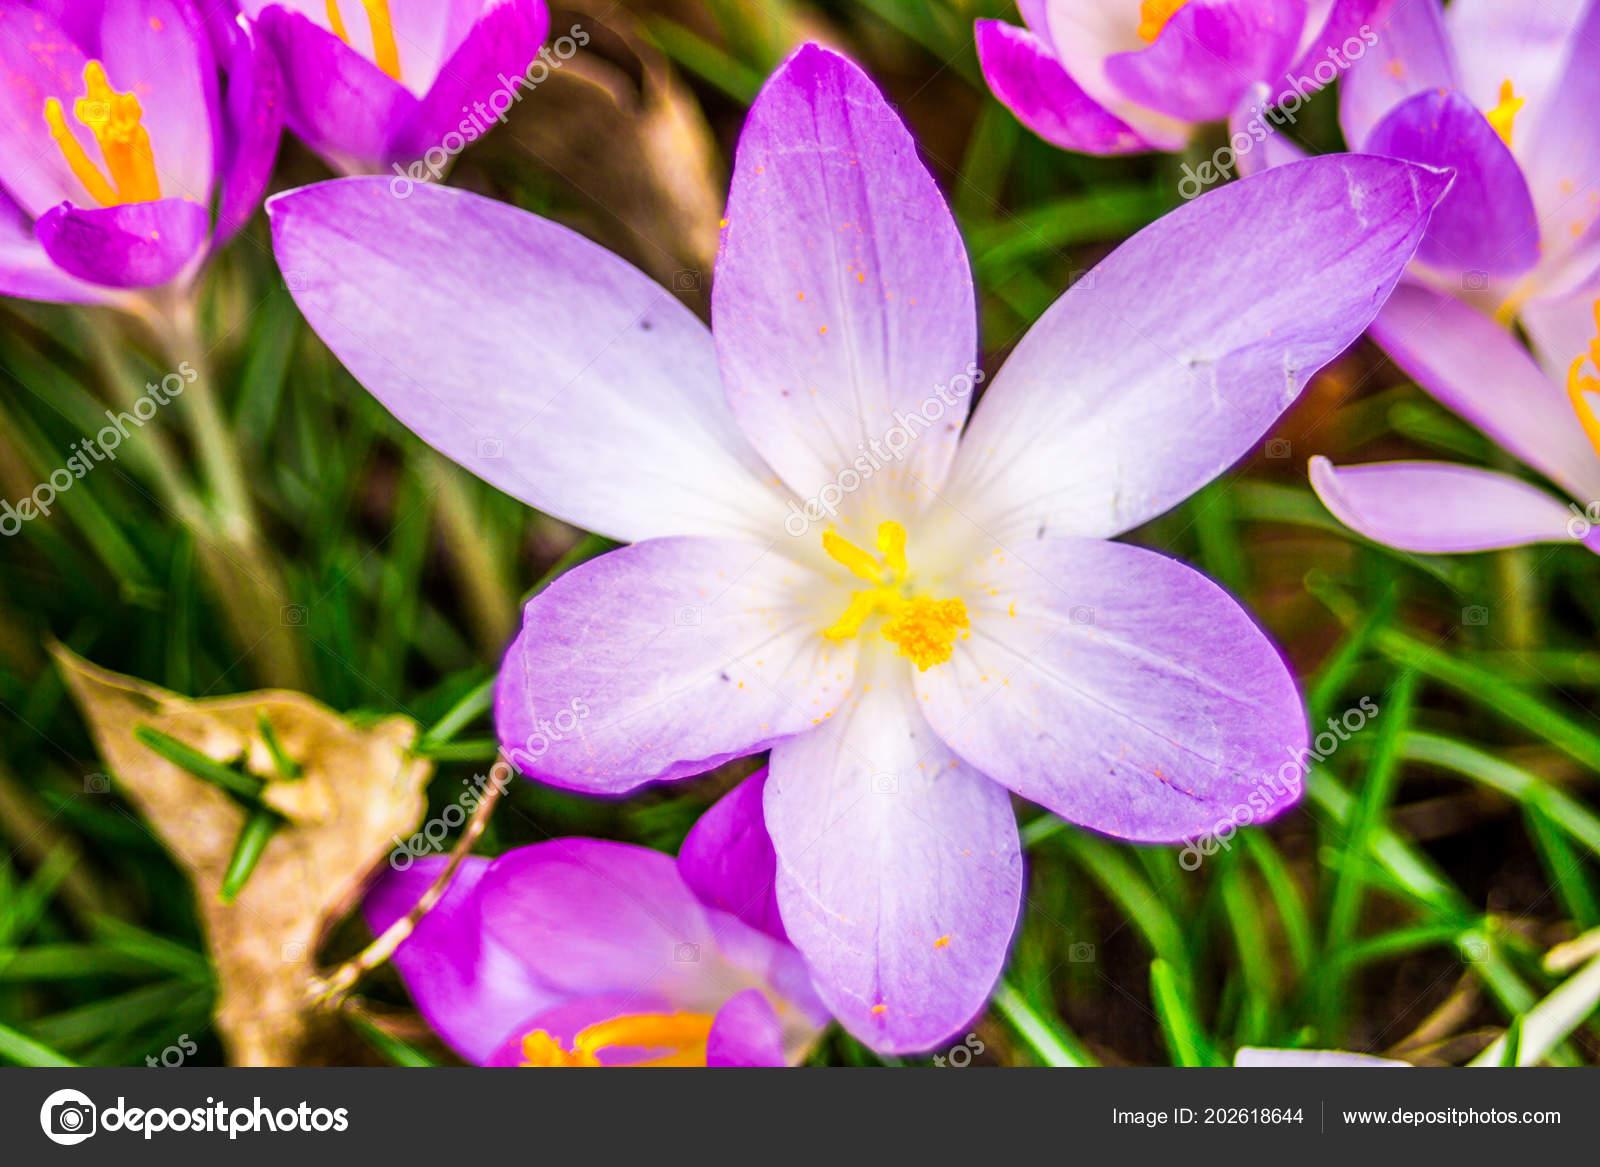 Crocus Plural Crocuses Croci Genus Flowering Plants Iris Family